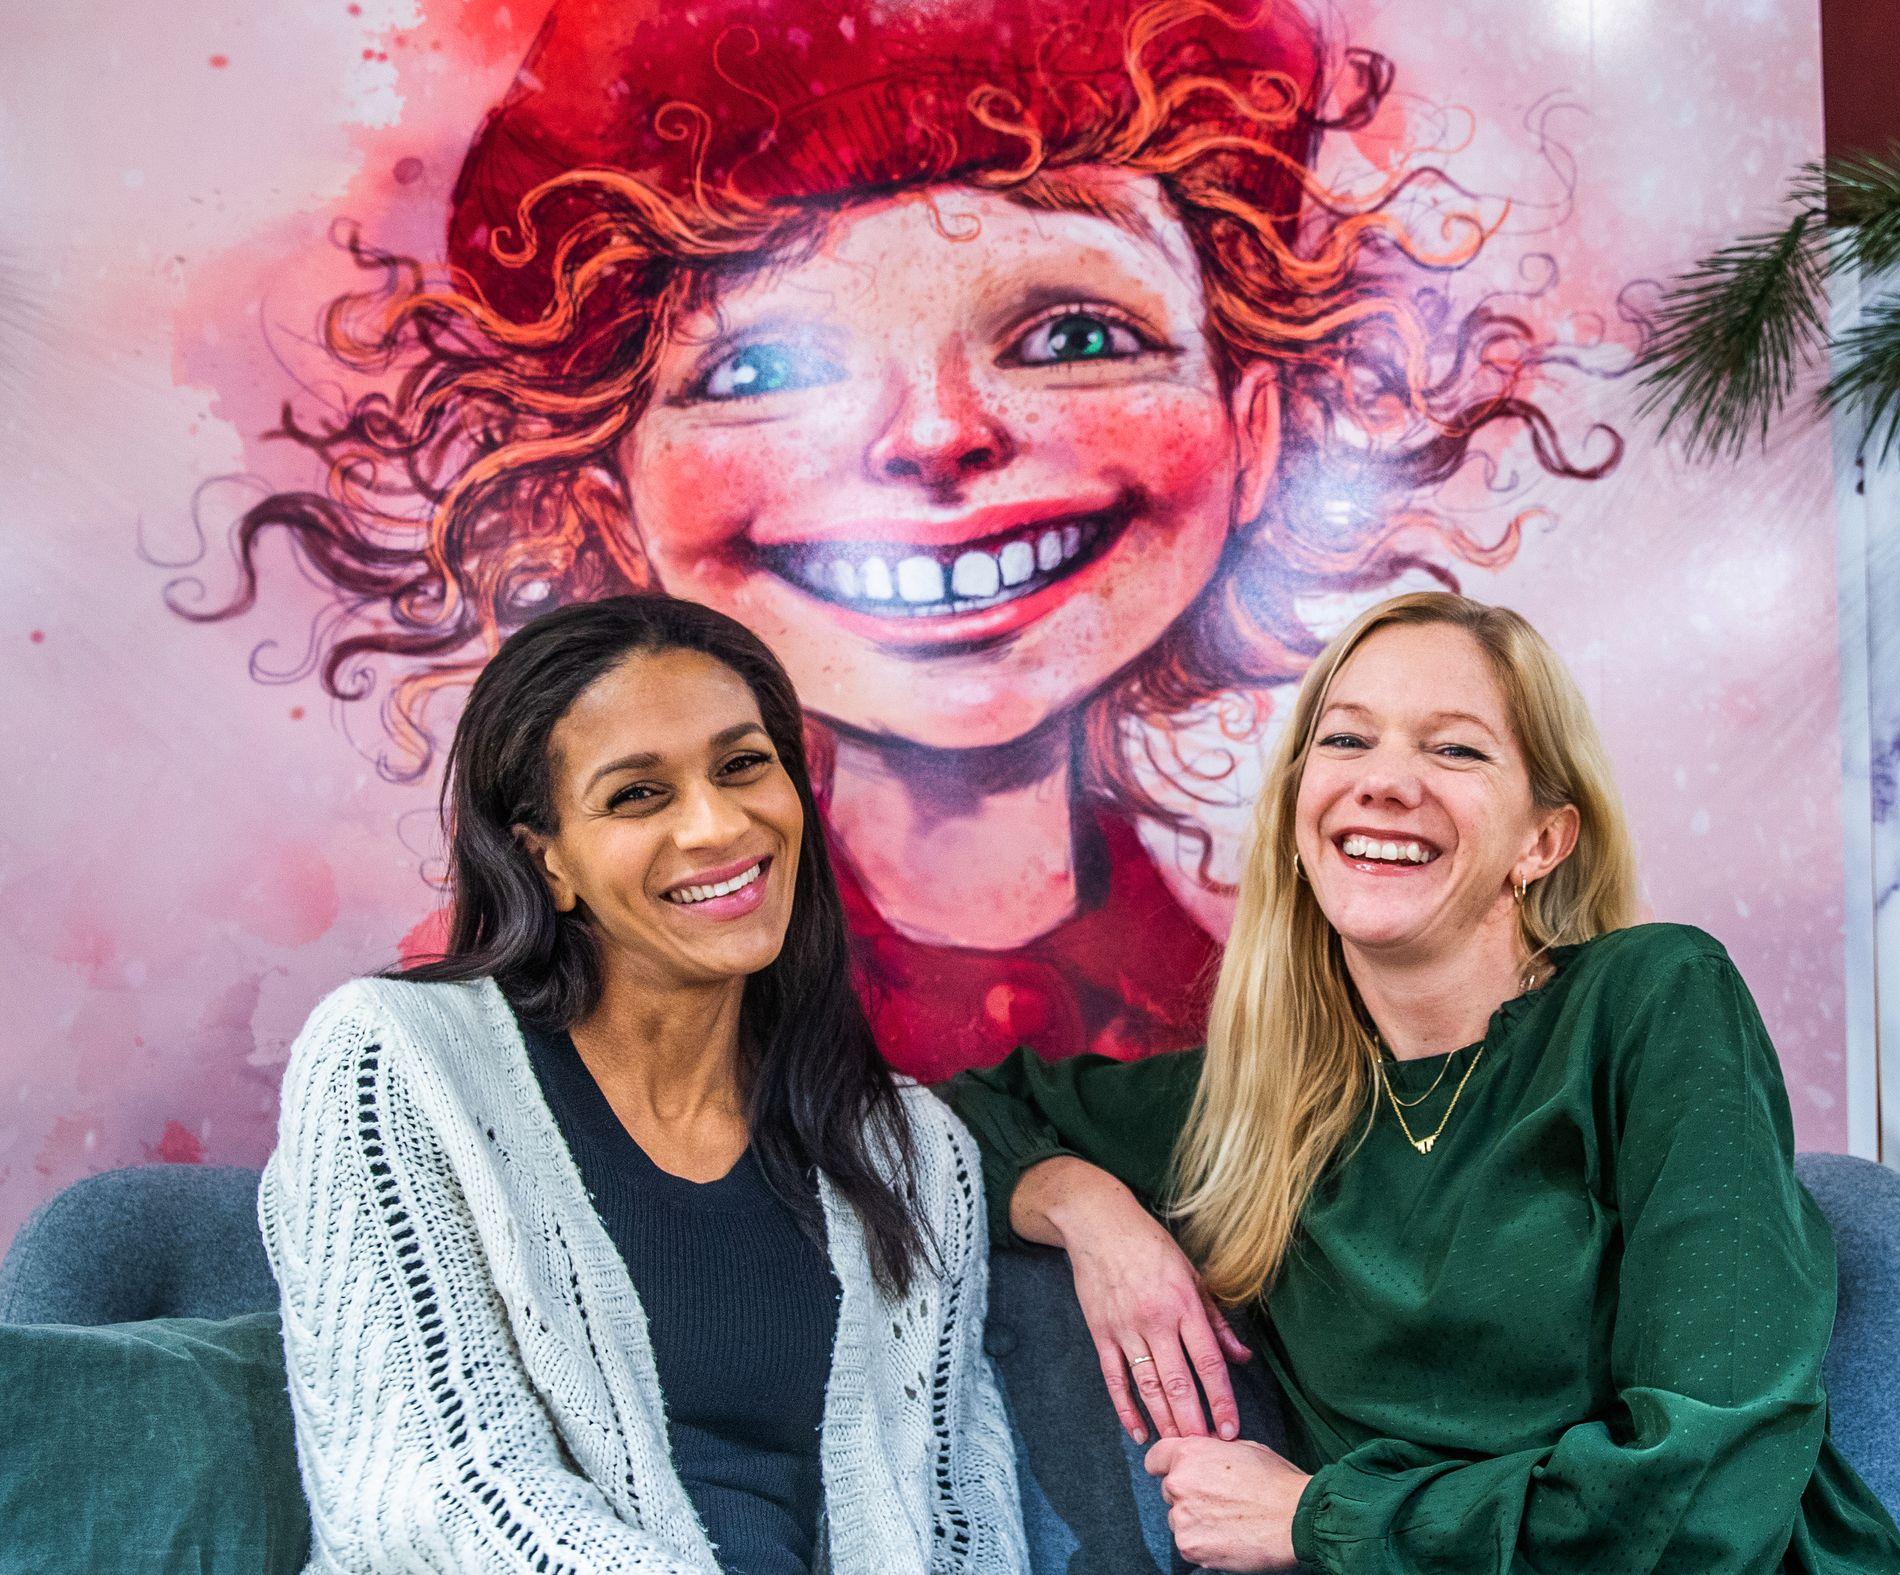 FULL JUBEL: Lisa Aisato og Maja Lunde har inngått en avtale med Kagge forlag om en vårbok, en sommerbok og en høstbok i samme format som den enorme juleboksuksessen «Snøsøsteren».